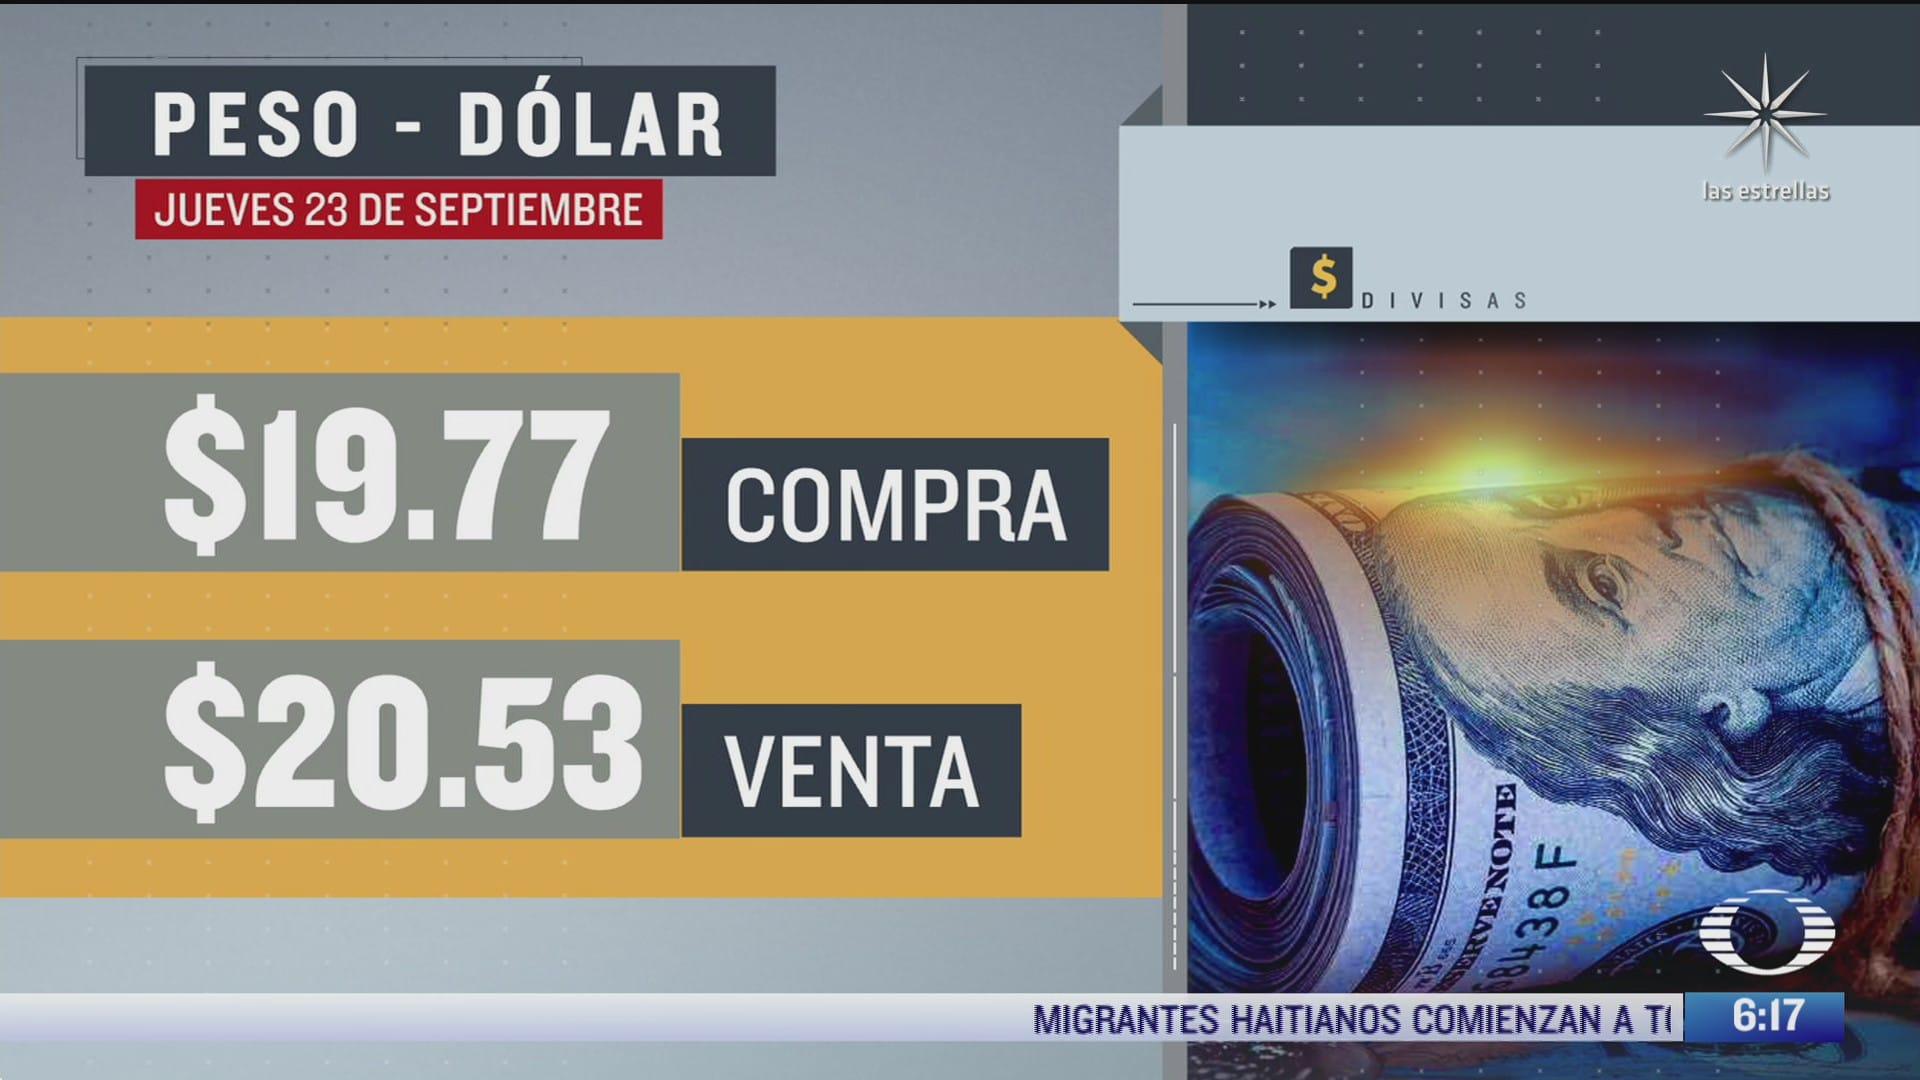 el dolar se vendio en 20 53 en la cdmx 23 septiembre